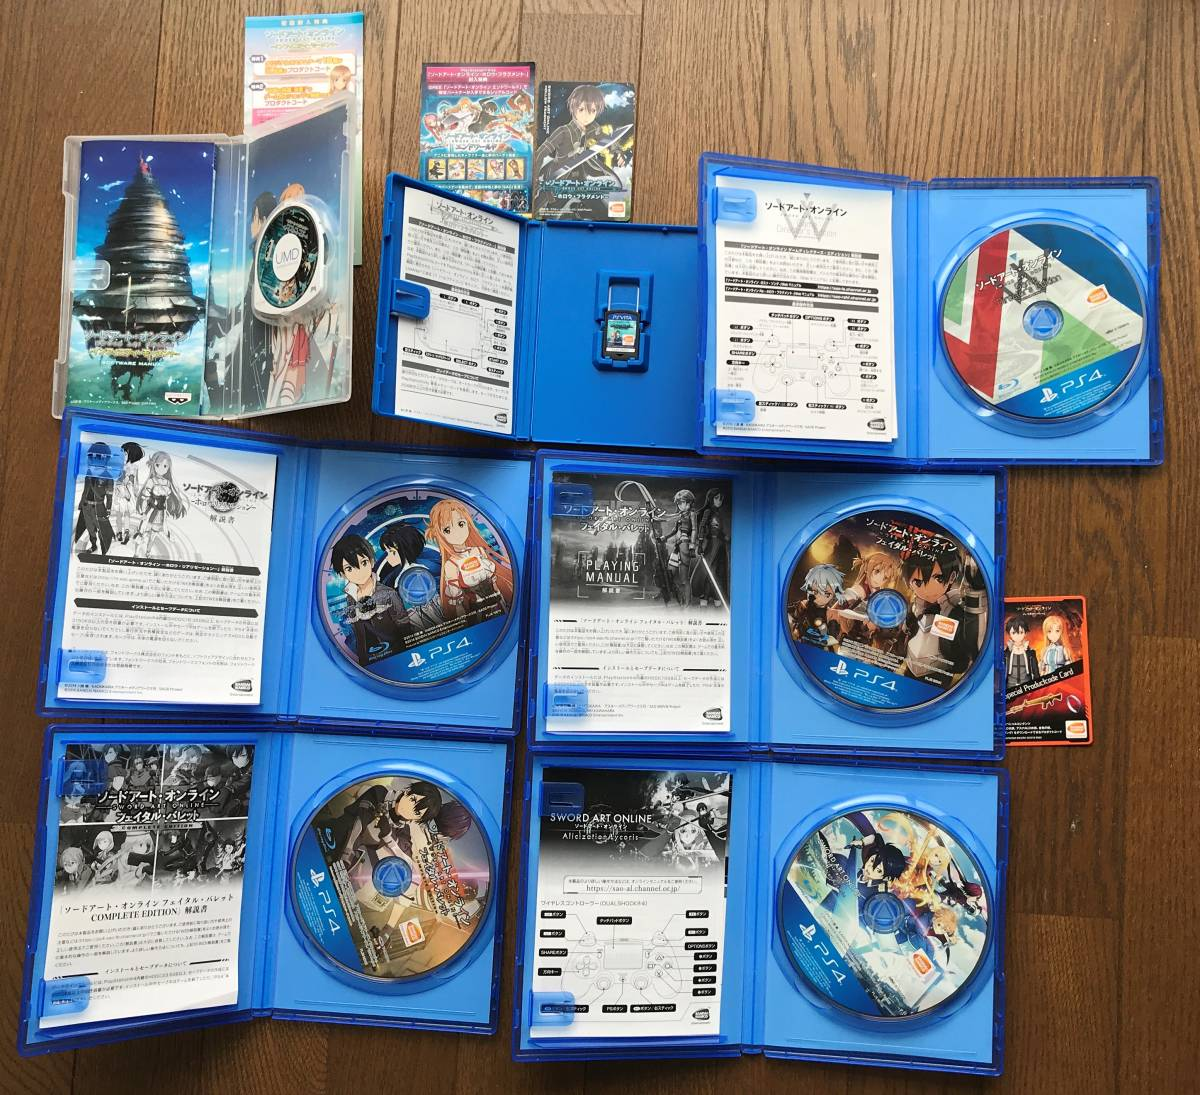 PS4 PSP PS VITA ソードアートオンライン SAO アリシゼーション リコリス フェイタルバレット リアリゼーション ホロウ・リアリゼーション